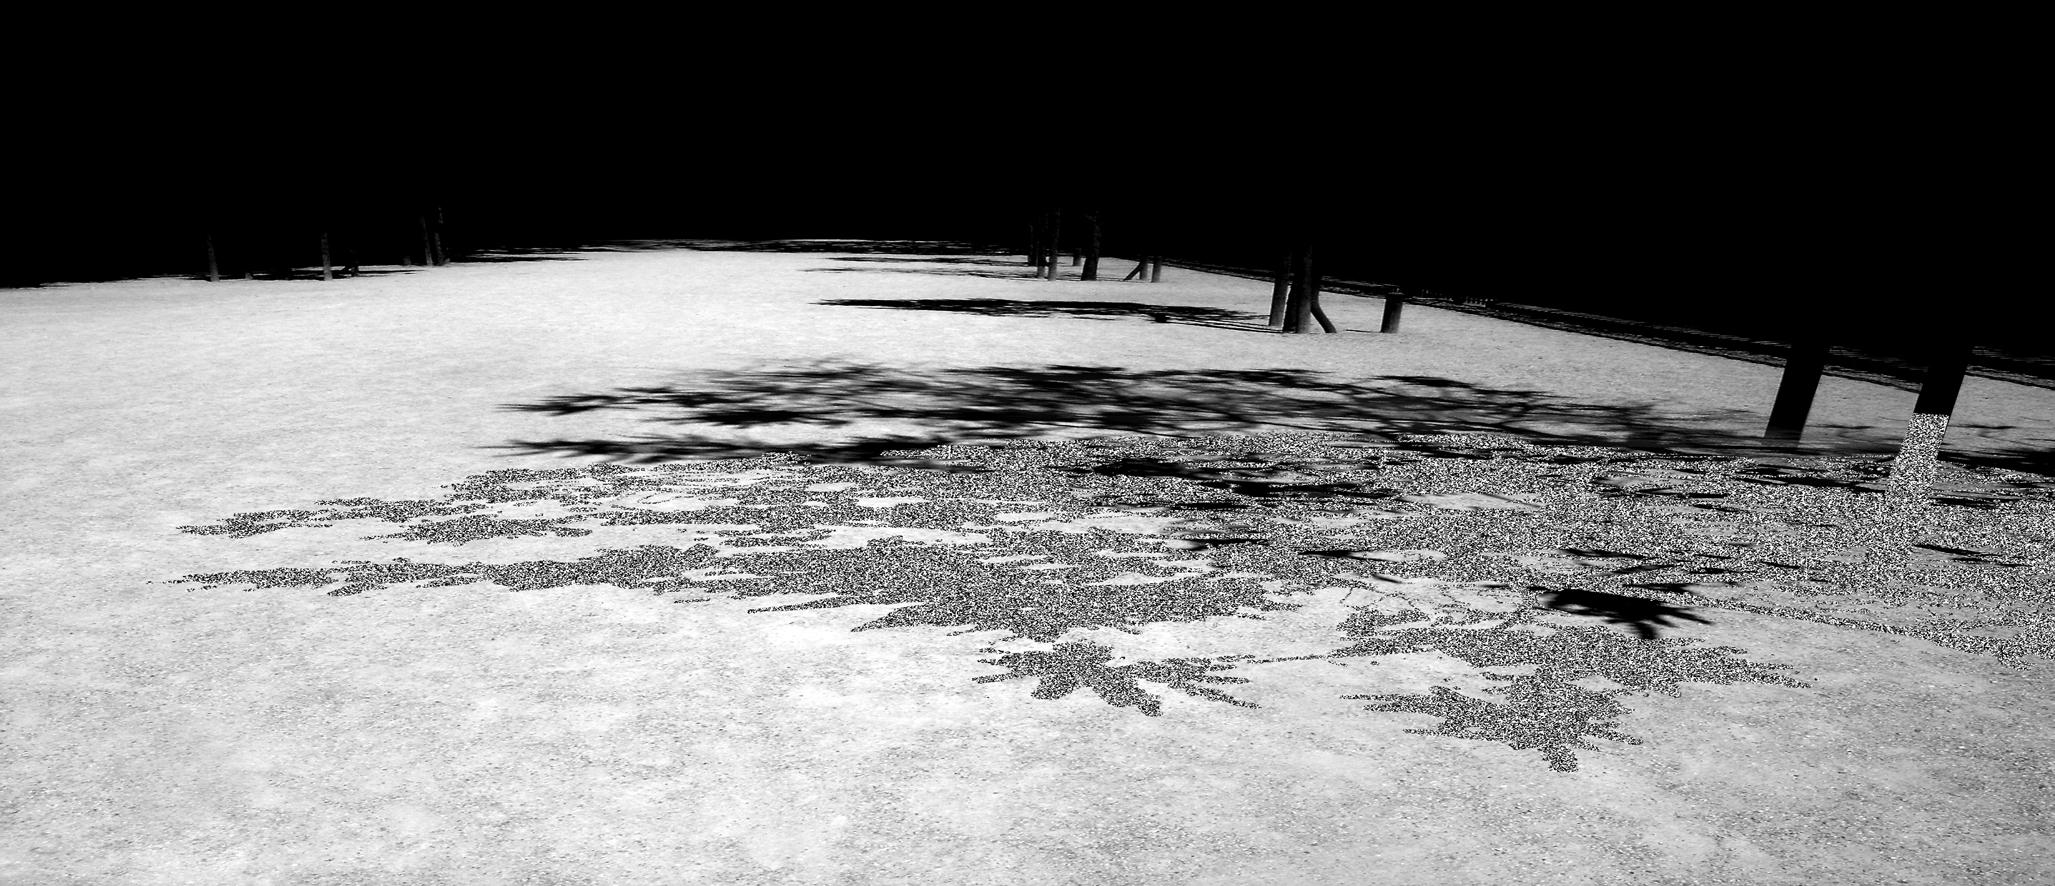 M Arbol I Fotografia digitalizada 70cm por 162cm 2008 Zulema Maza.jpg